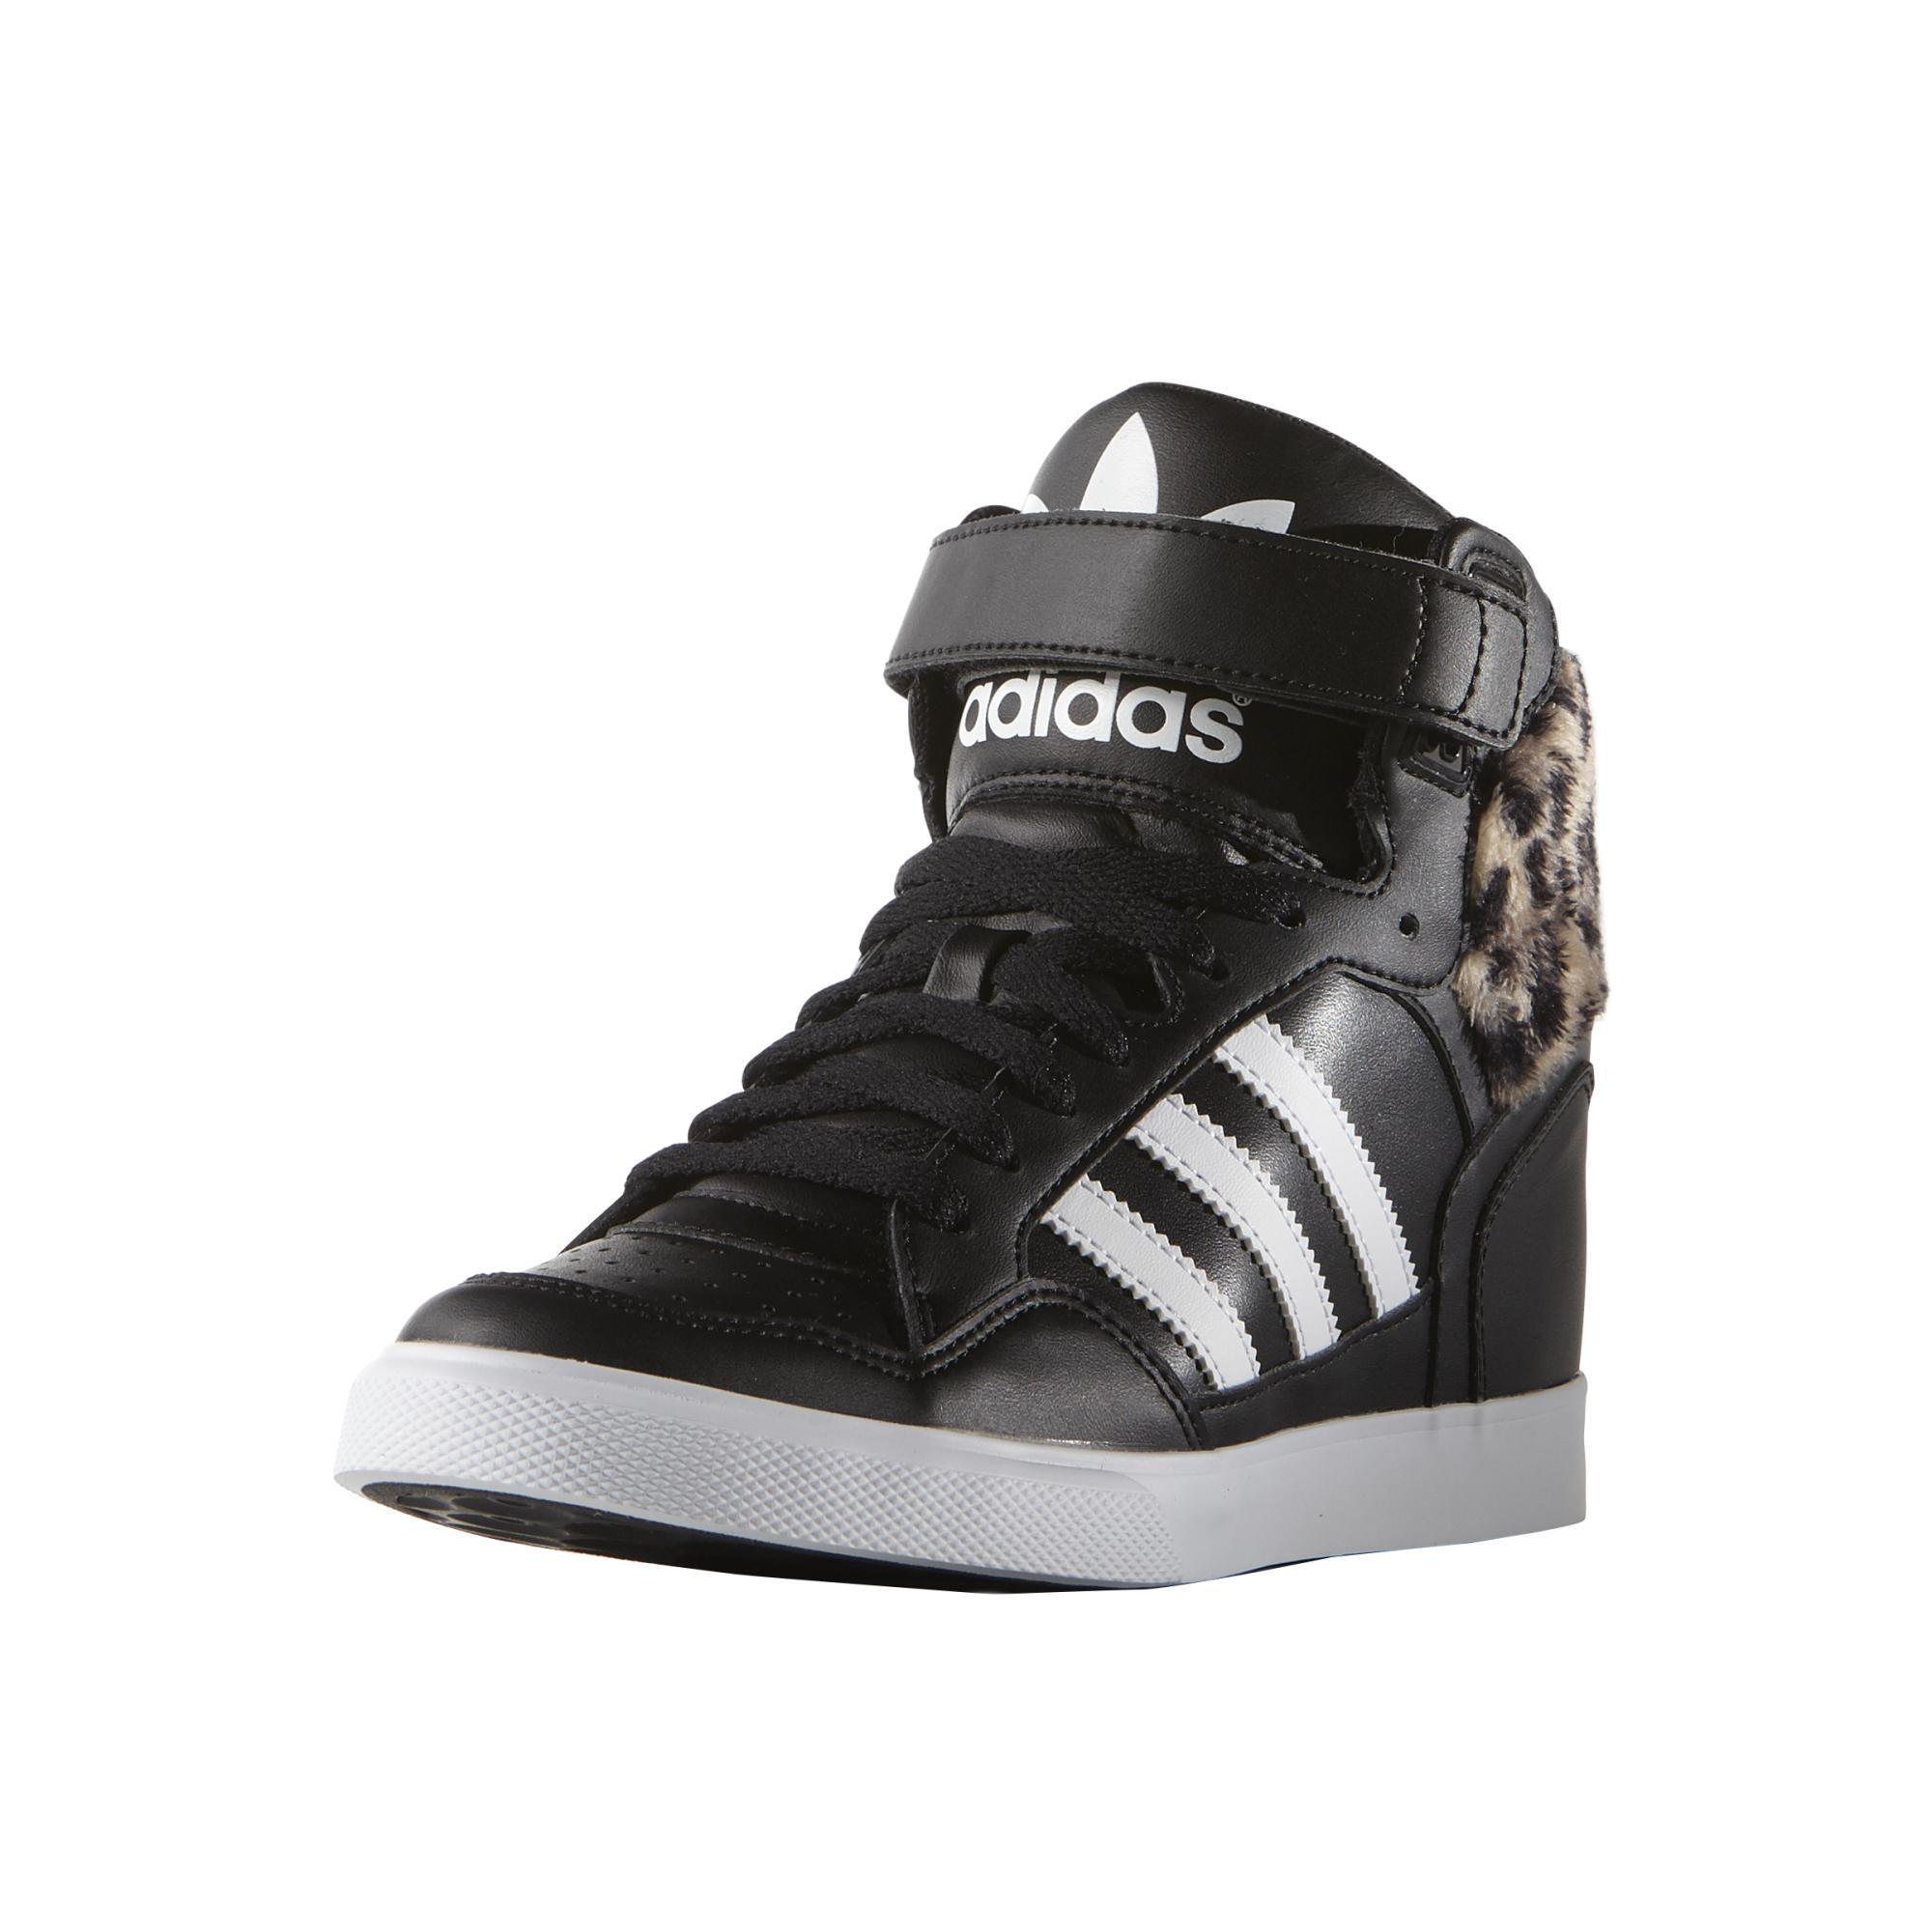 Adidas Originals Extaball Up W